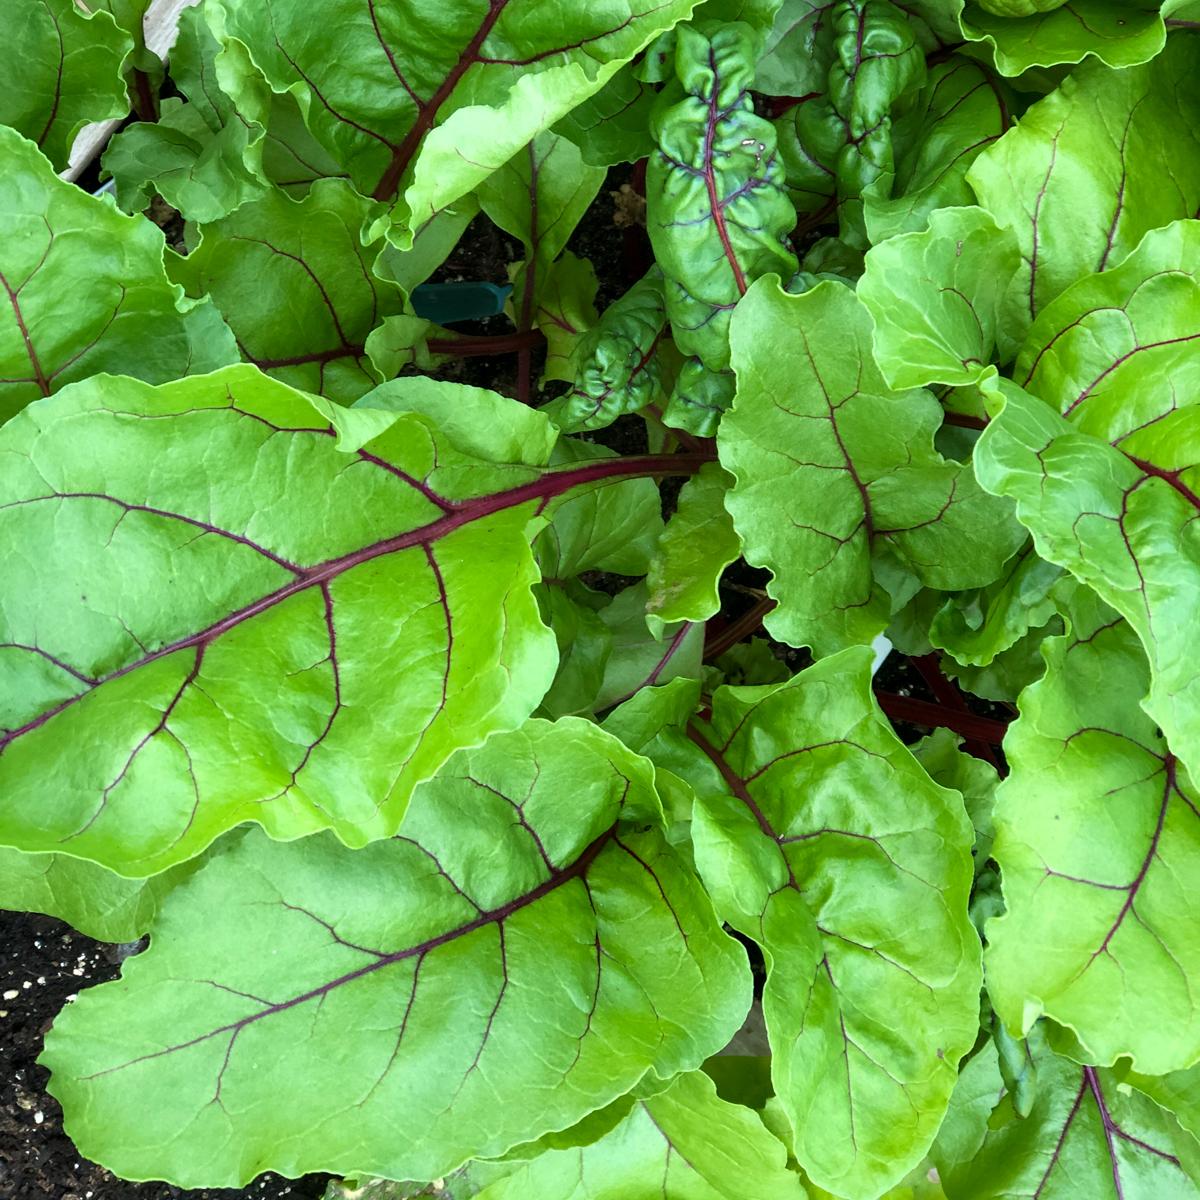 Het jonge blad van bieten is lekker in salades